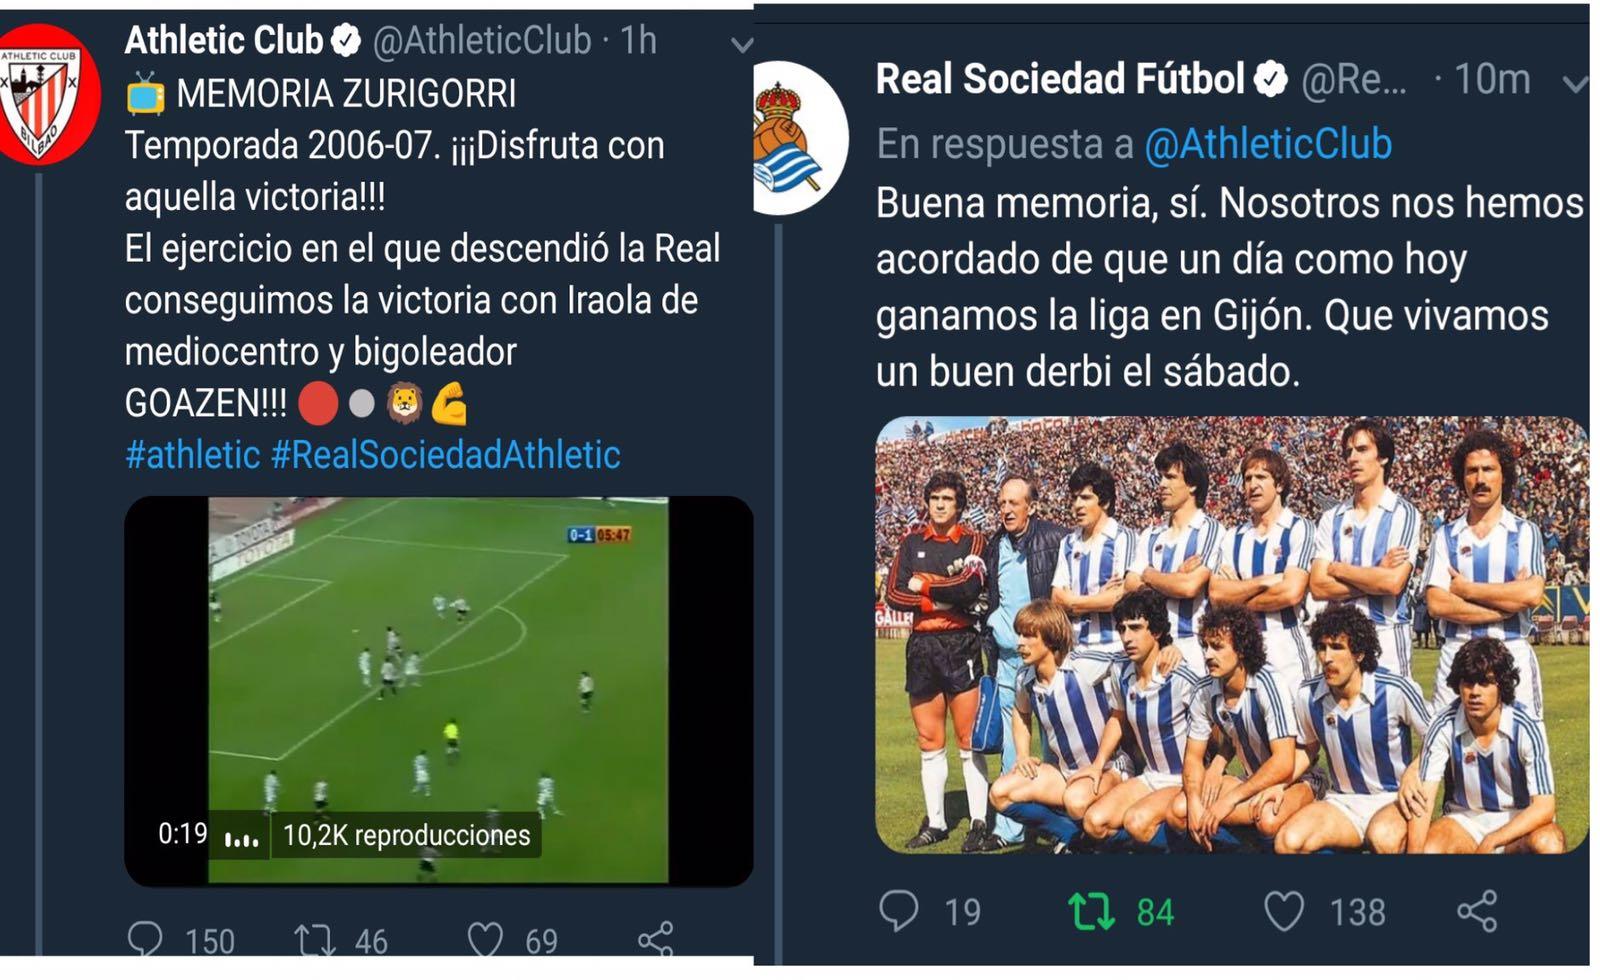 Athletic Club y Real Sociedad 'se pican' en sus cuentas oficiales de Twitter